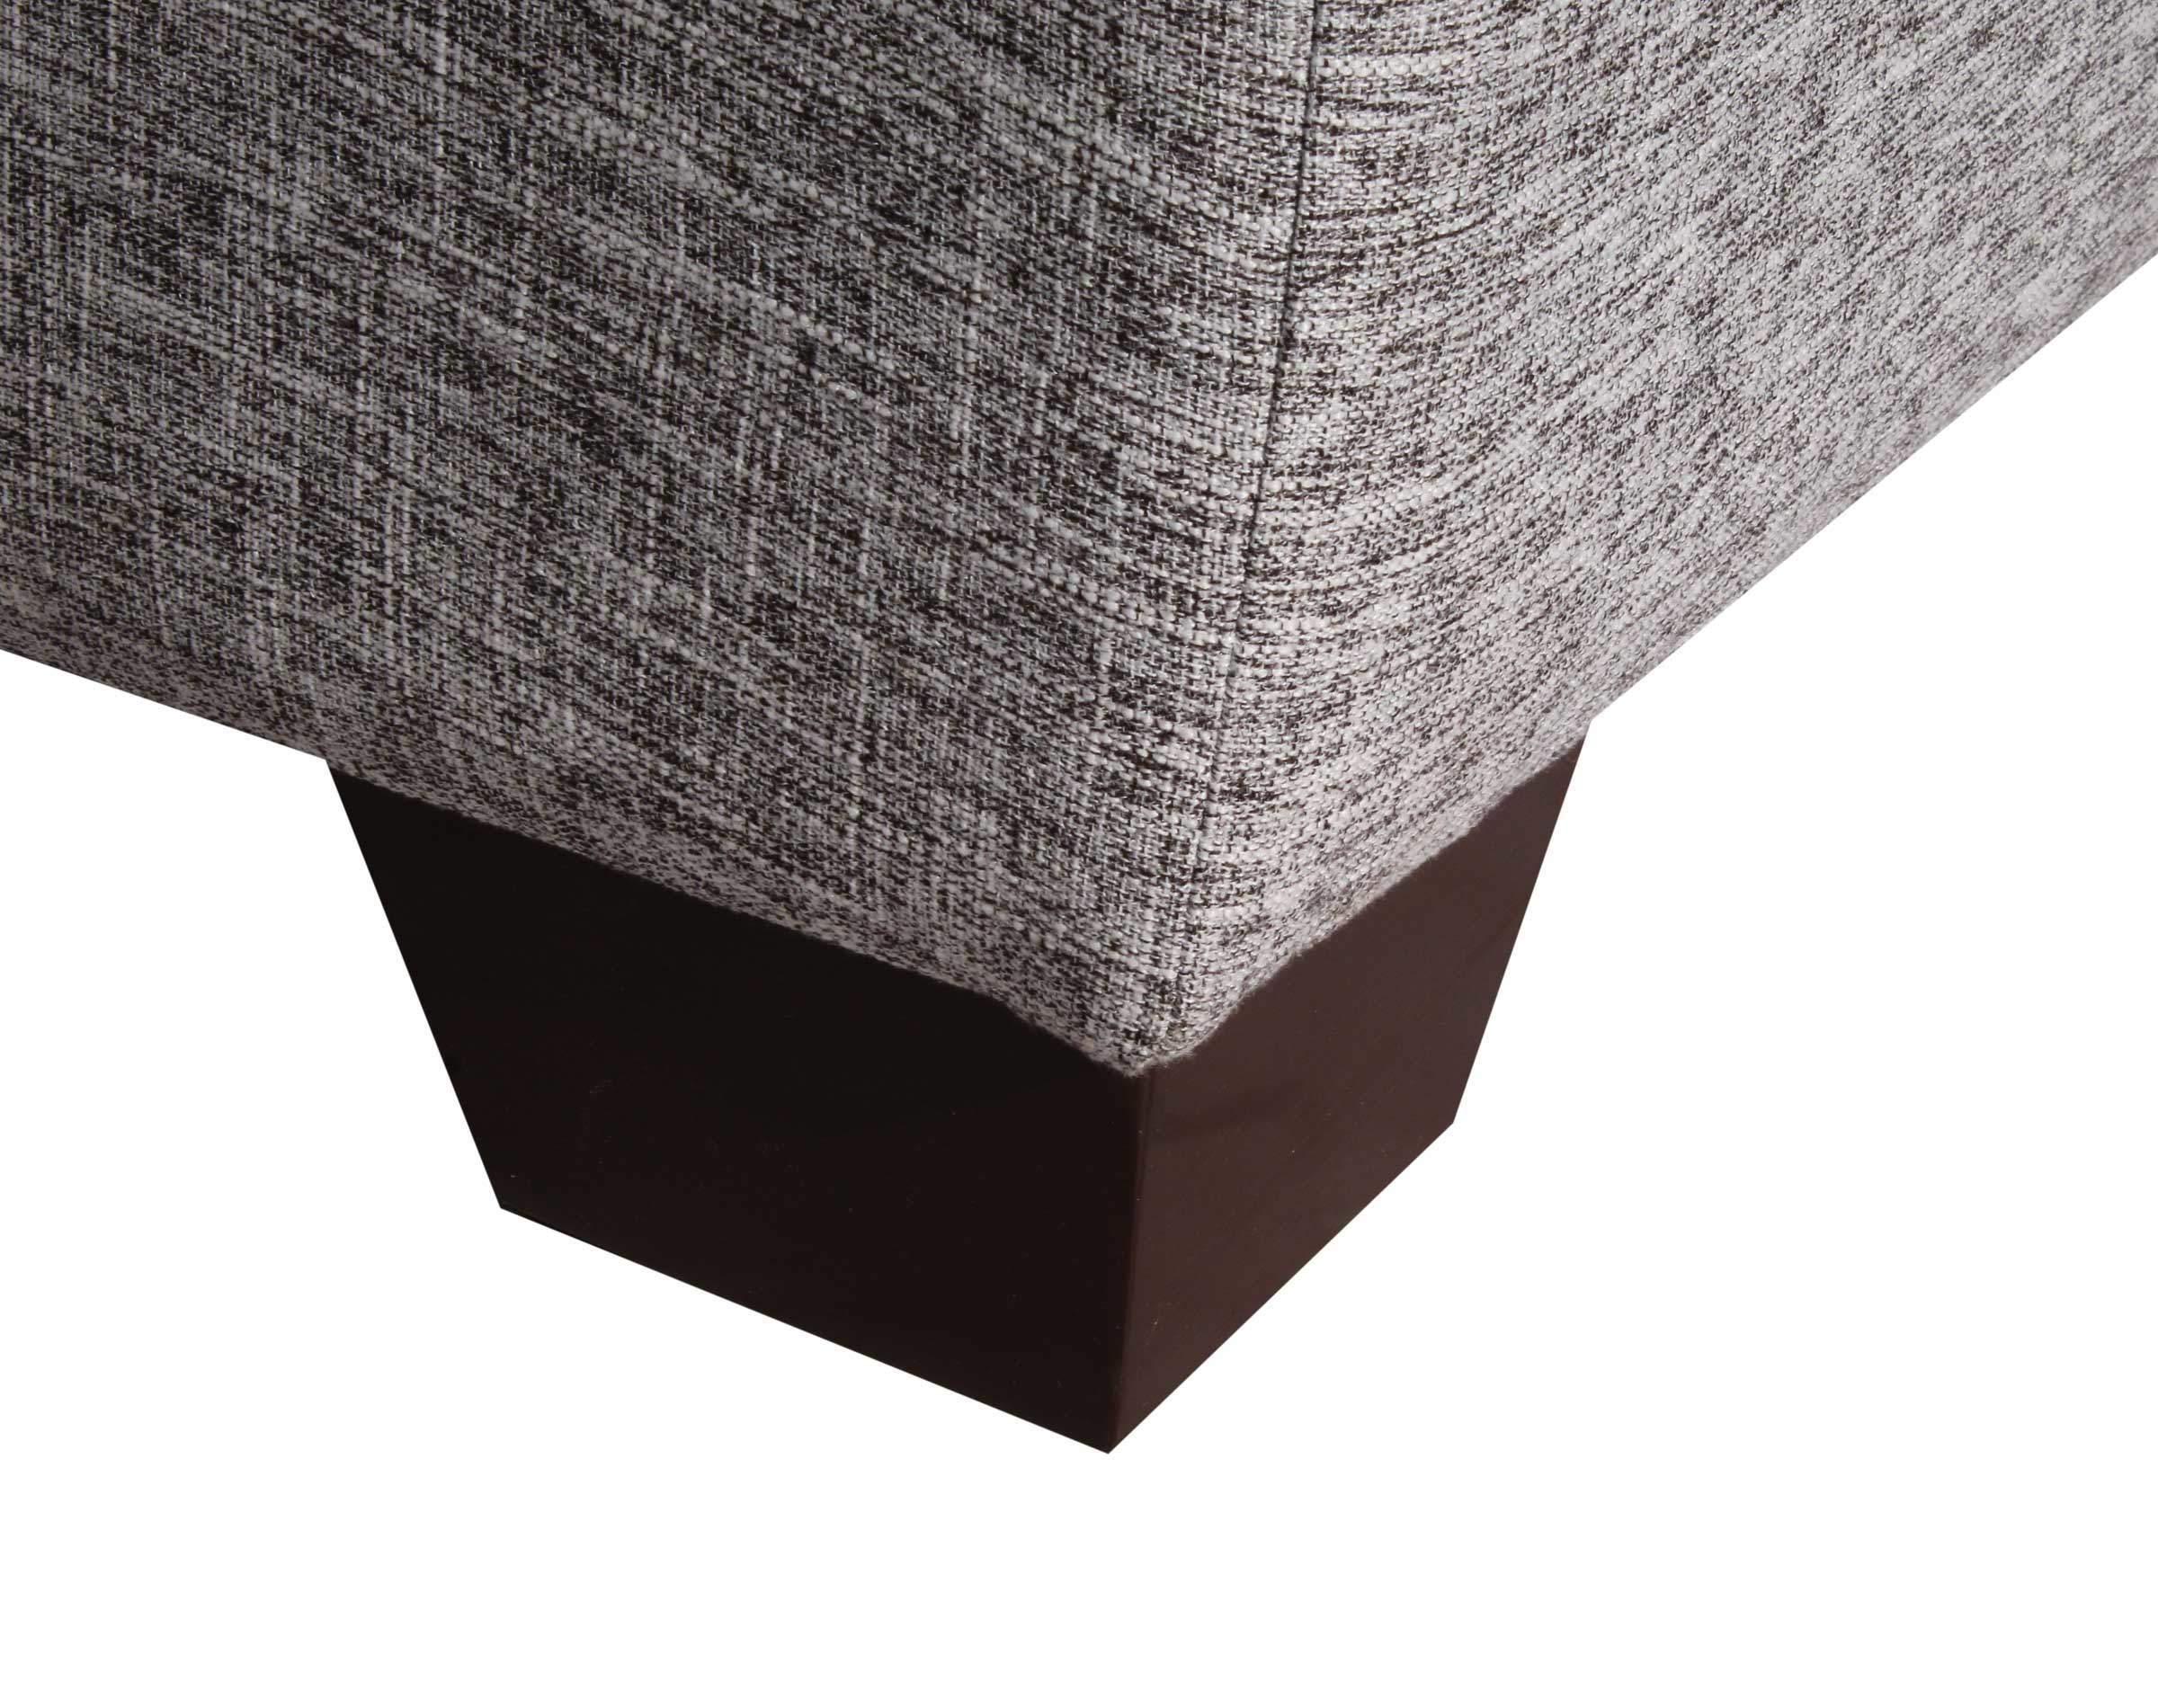 sofa seccional monaco derecho inside antimanchas piedra pata